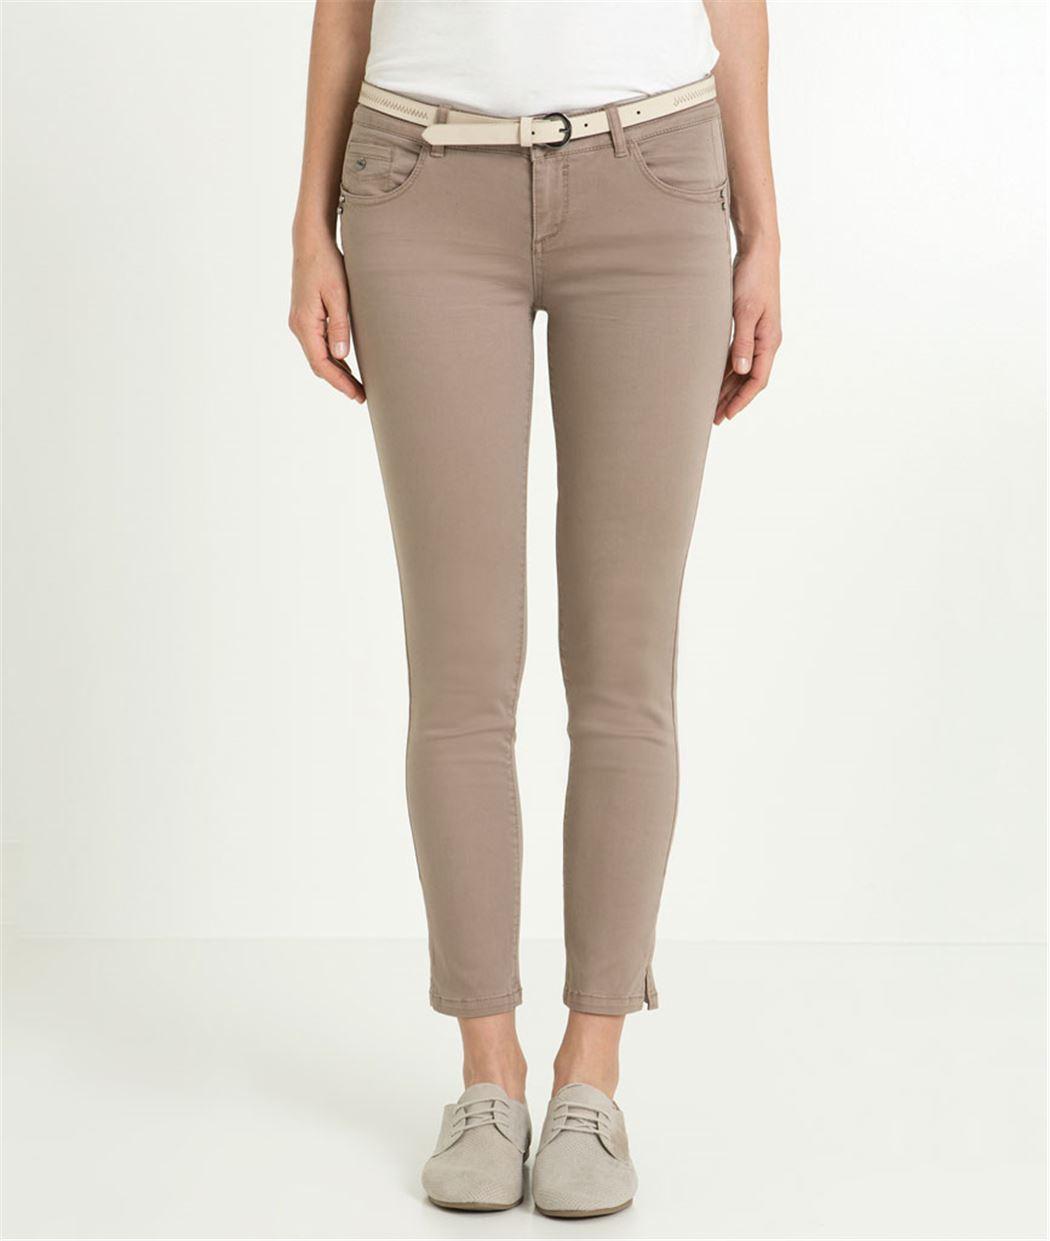 Pantalon femme 7/8ème couleur TAUPE